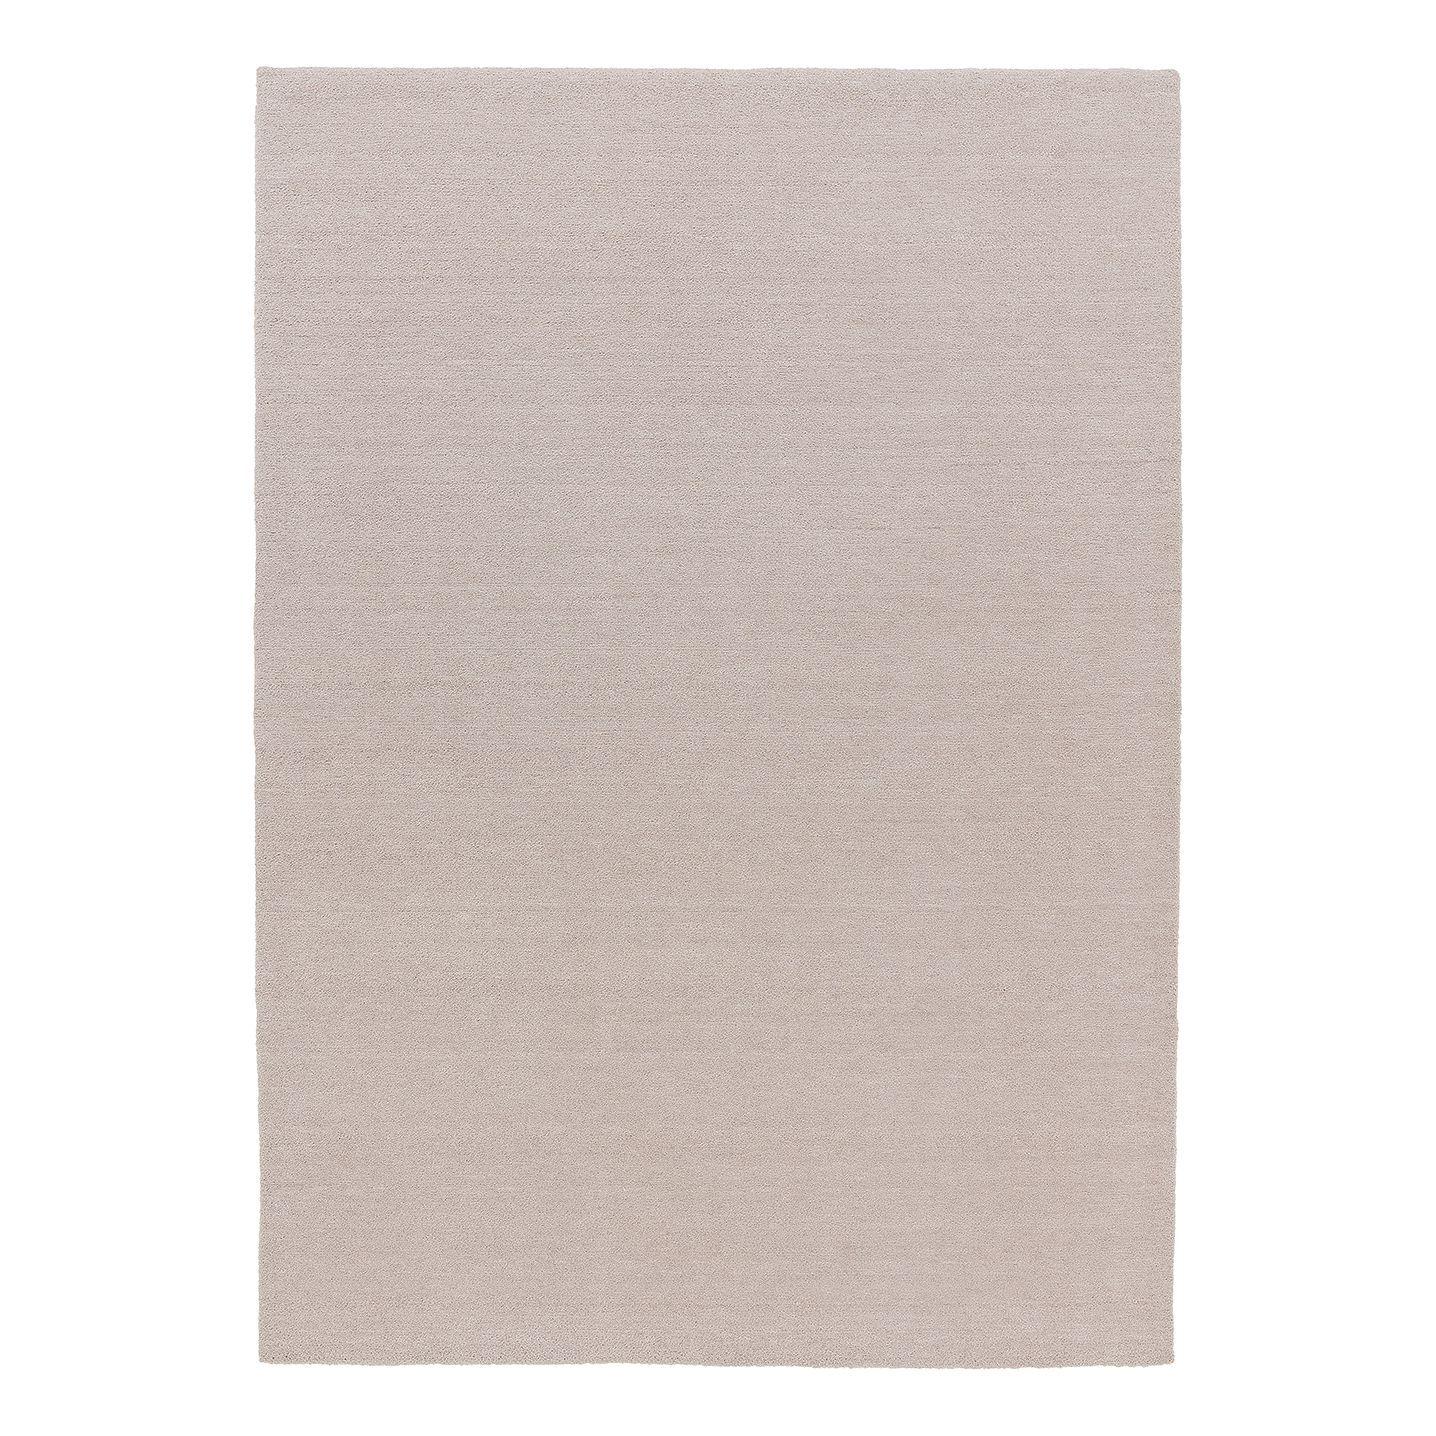 Teppich Victoria II Kunstfaser Sahara 140 x 200 cm Schöner Wohnen Kollektion